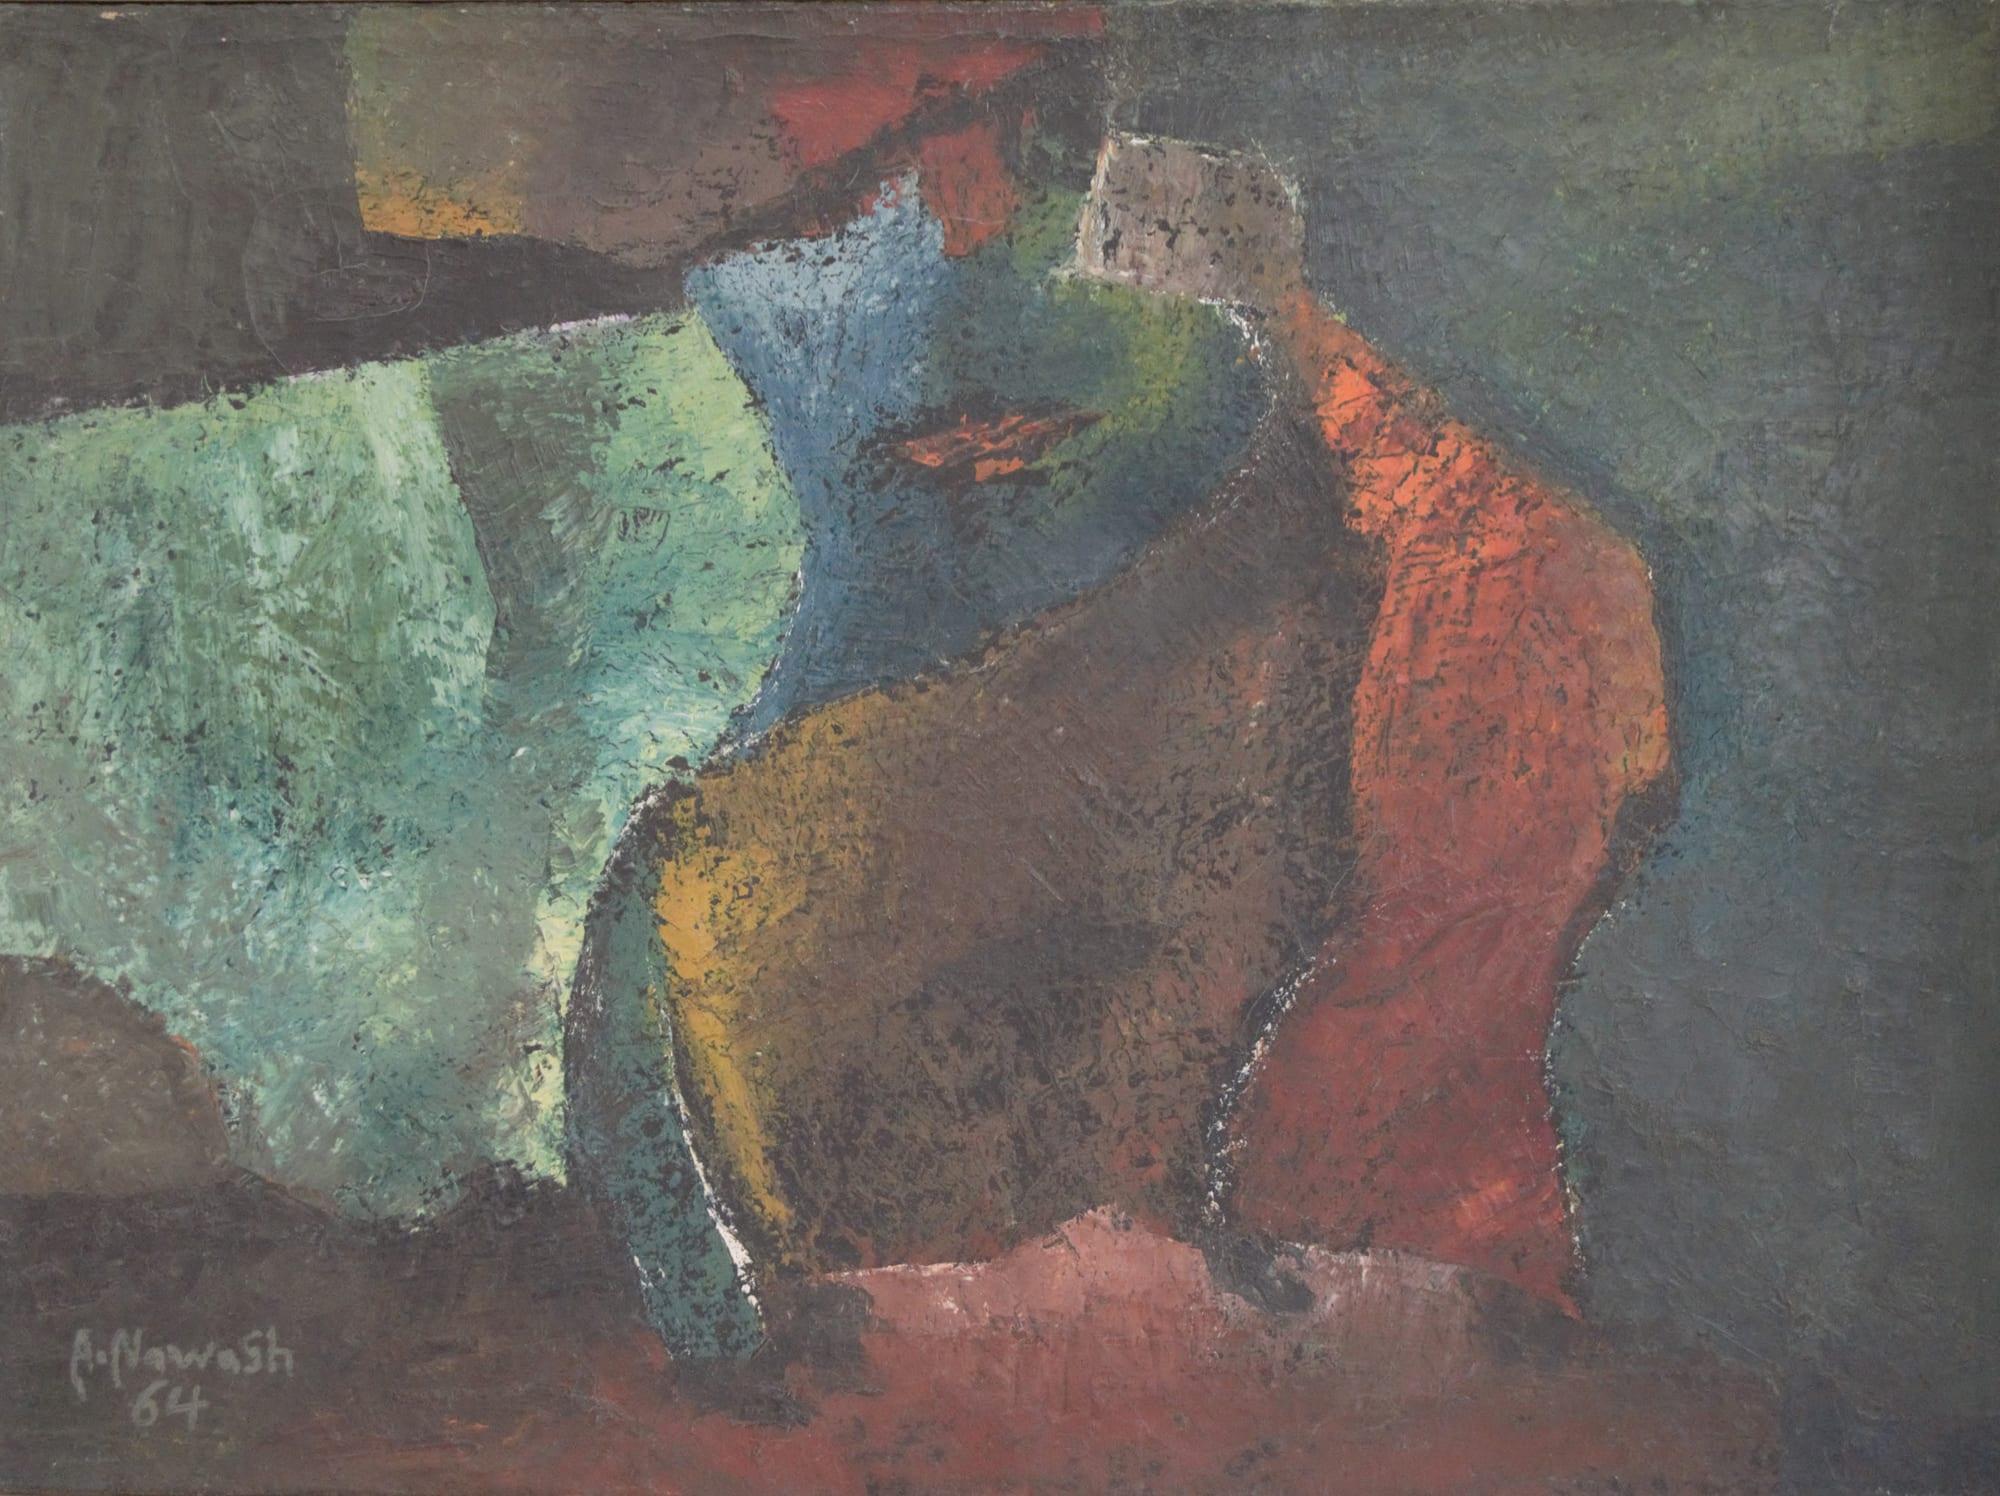 Ahmad Nawash,41.5x56,1964, Fakeer Yatlob sadaqa, 2 oil on Canvas